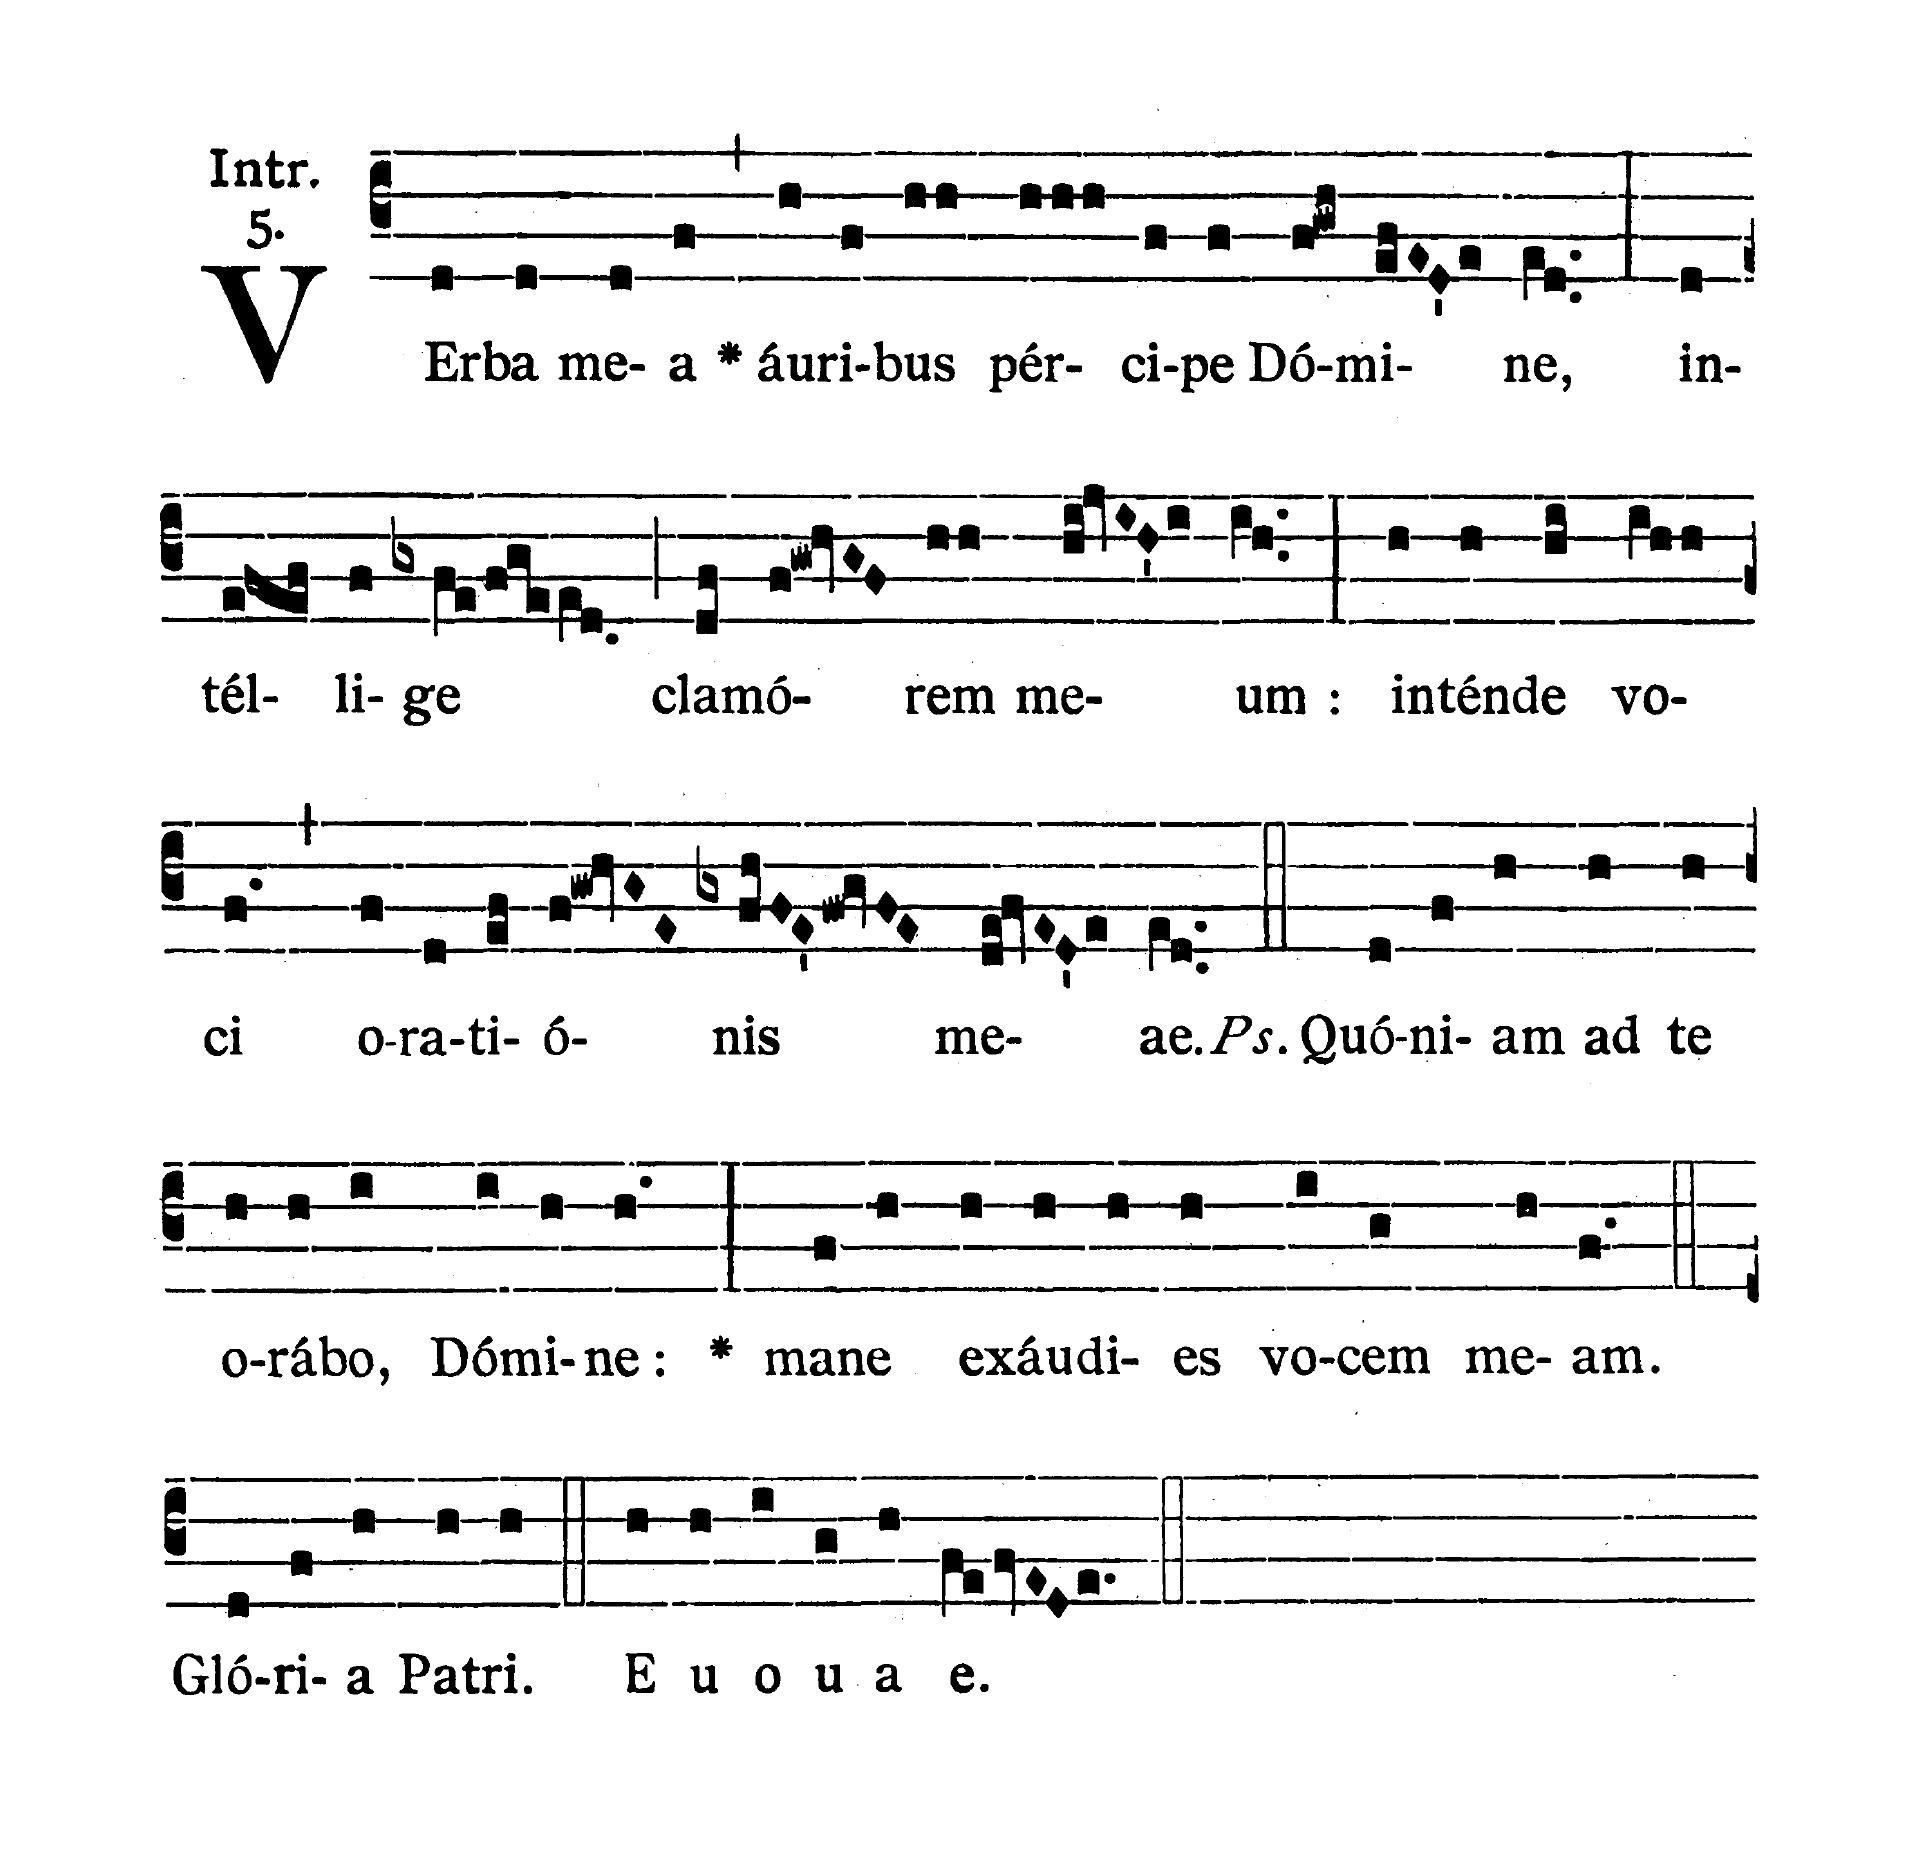 Sabbato post Dominicam III Quadragesimae (Sobota po III Niedzieli Wielkiego Postu) - Introitus (Verba mea)